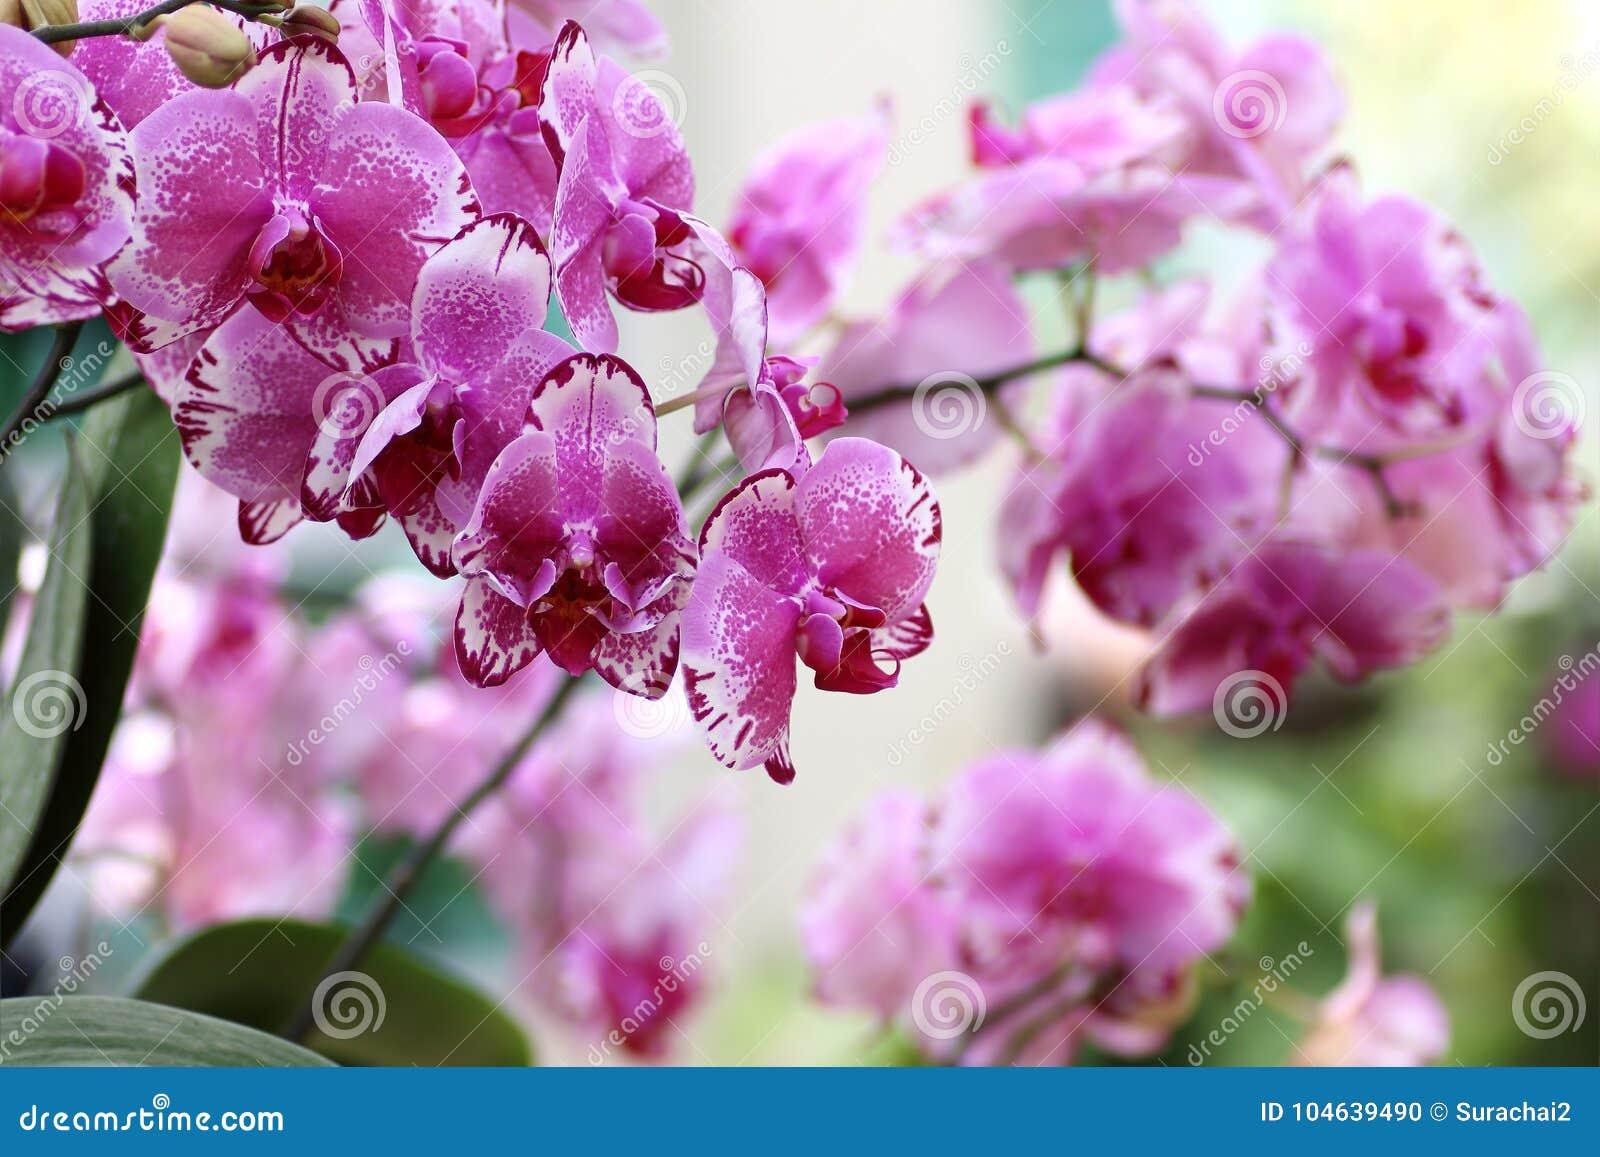 Download Mooie Orchideebloem In Tuin Stock Foto - Afbeelding bestaande uit vers, achtergrond: 104639490